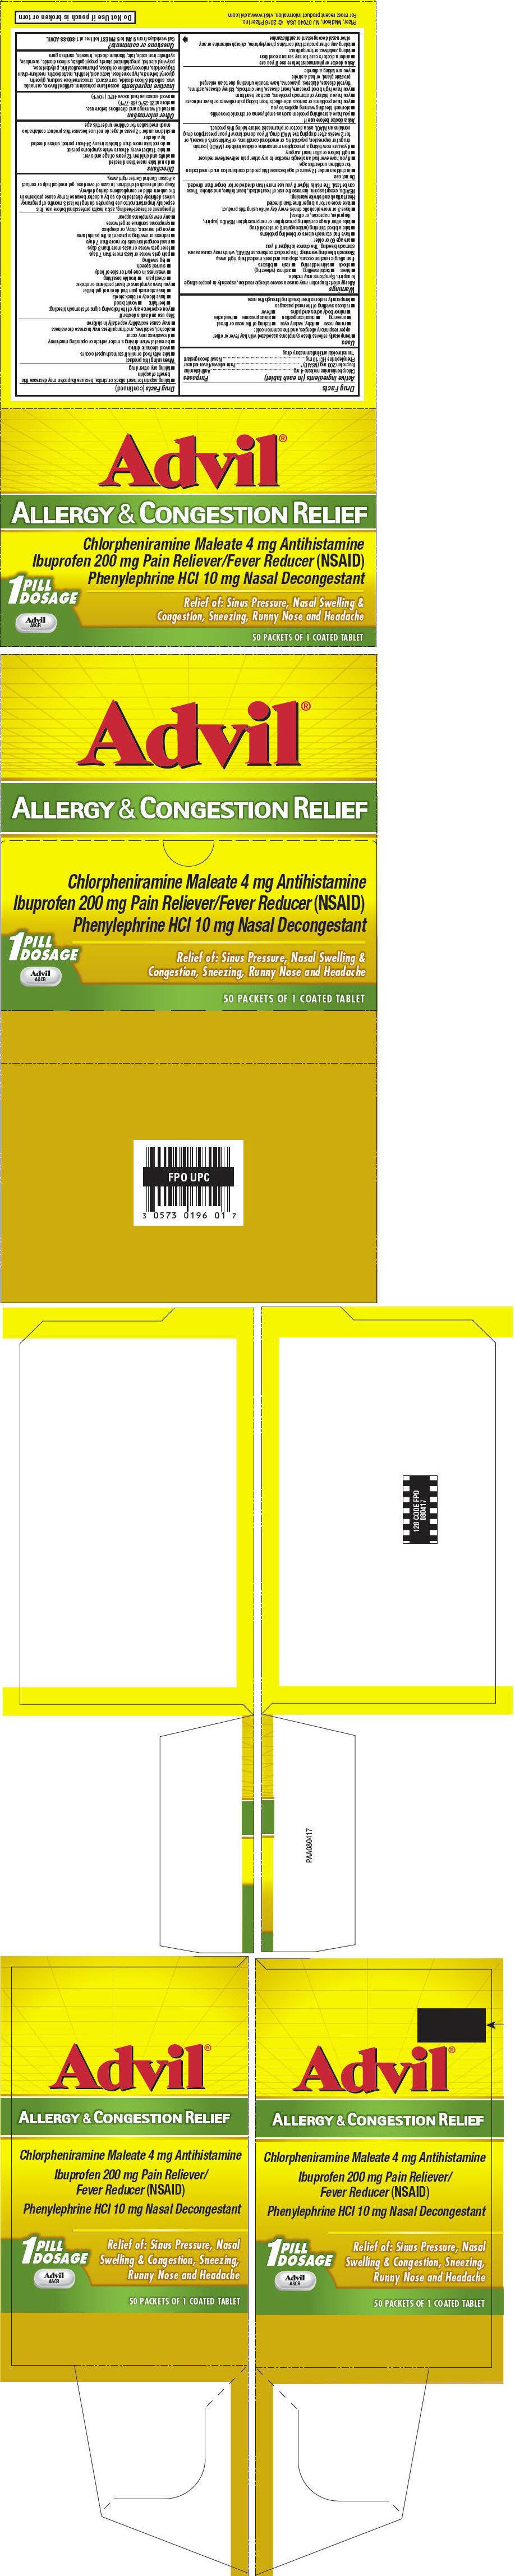 PRINCIPAL DISPLAY PANEL - 50 Packet Tray